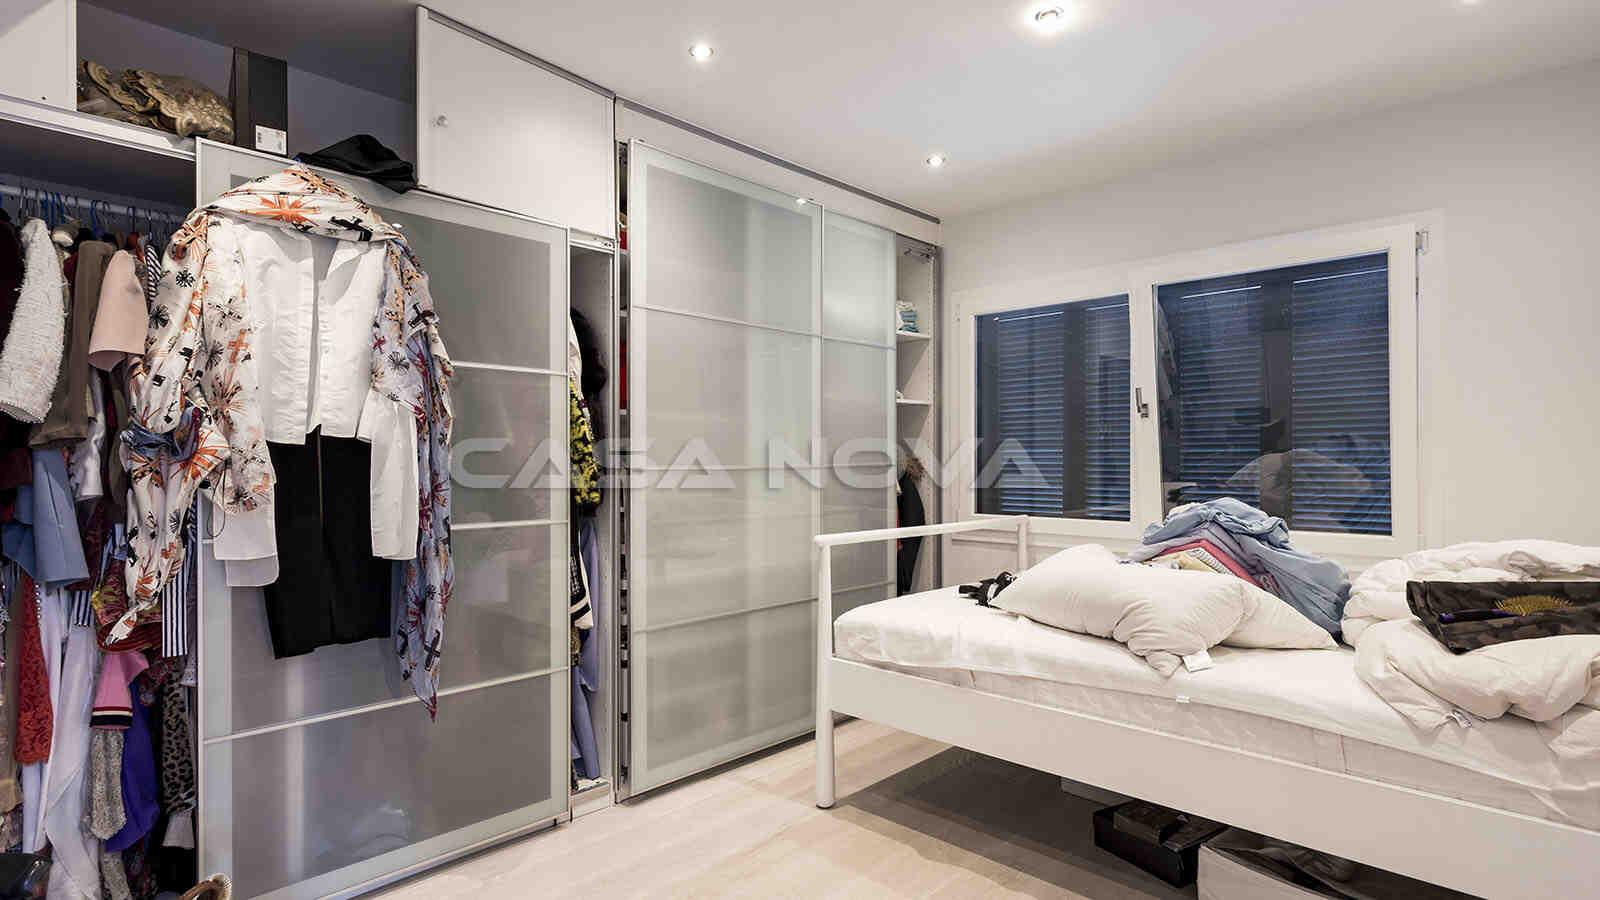 Großzügiges Doppelschlafzimmer mit Einbauschränken